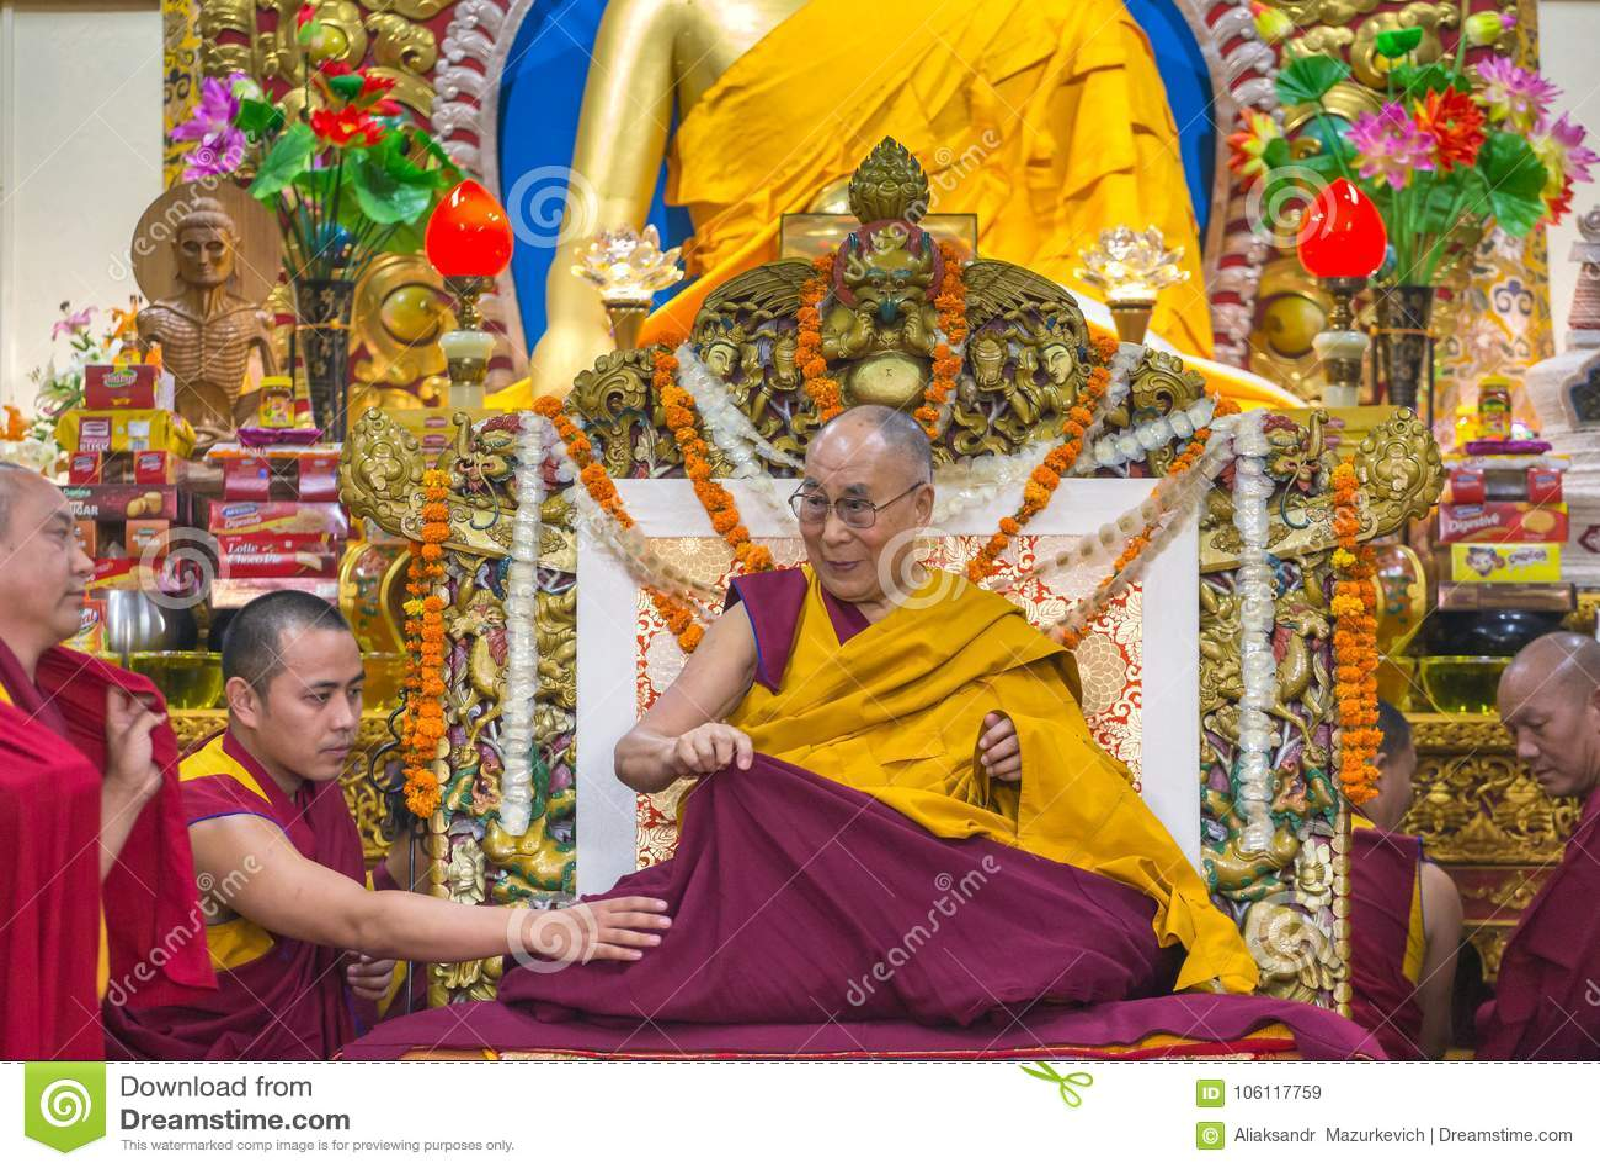 Seine Heiligkeit die 14 Dalai Lama Tenzin Gyatso gibt Unterricht in seinem Wohnsitz in Dharmshala, Indien